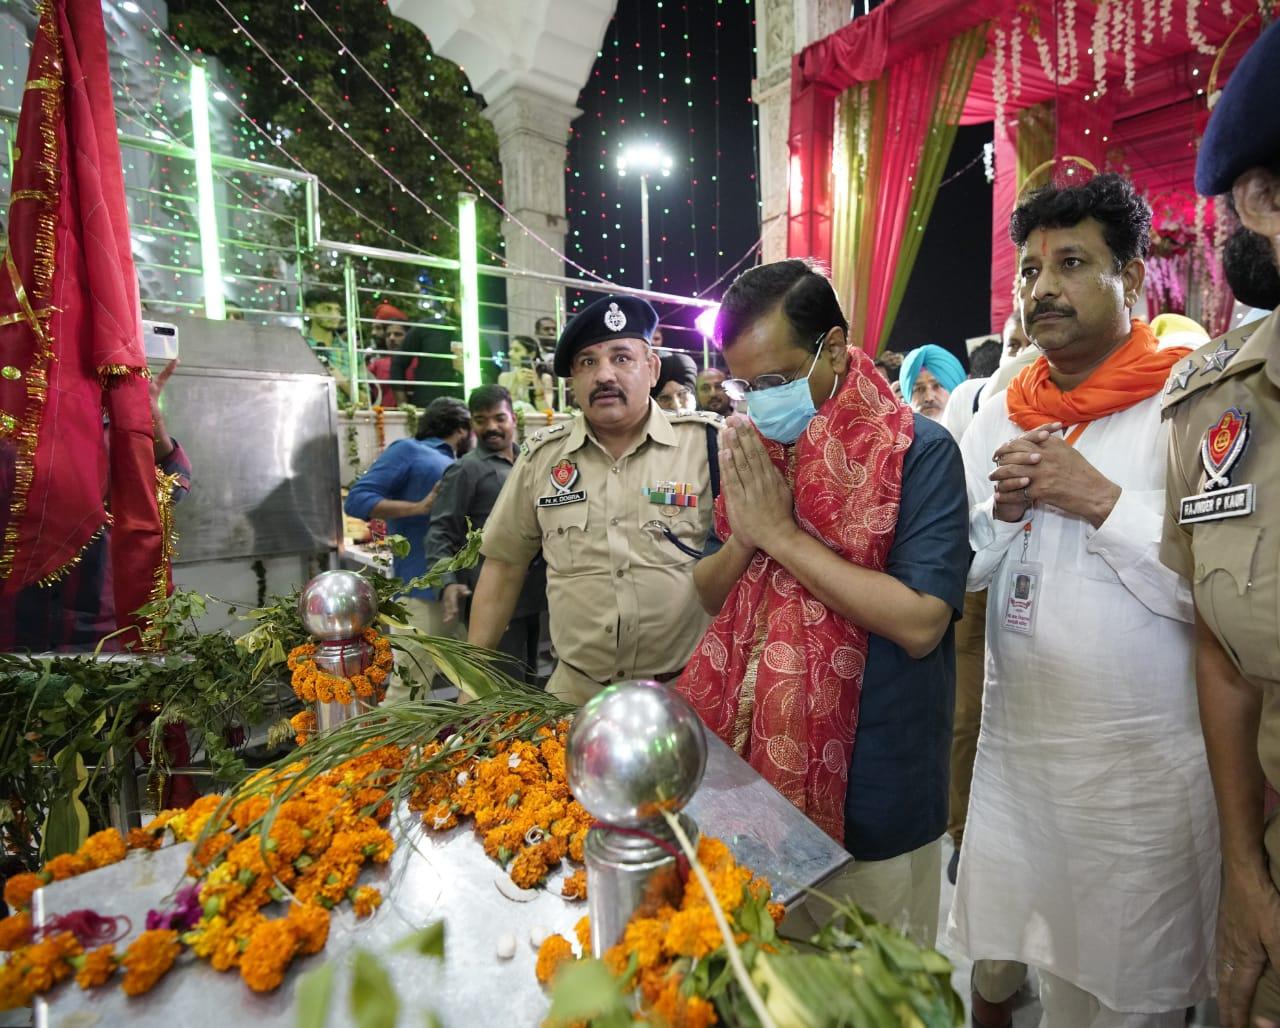 अपने पंजाब दौरे के दौरान अरविंद केजरीवाल देवी तालाब मंदिर में दर्शन करने पहुंचे।